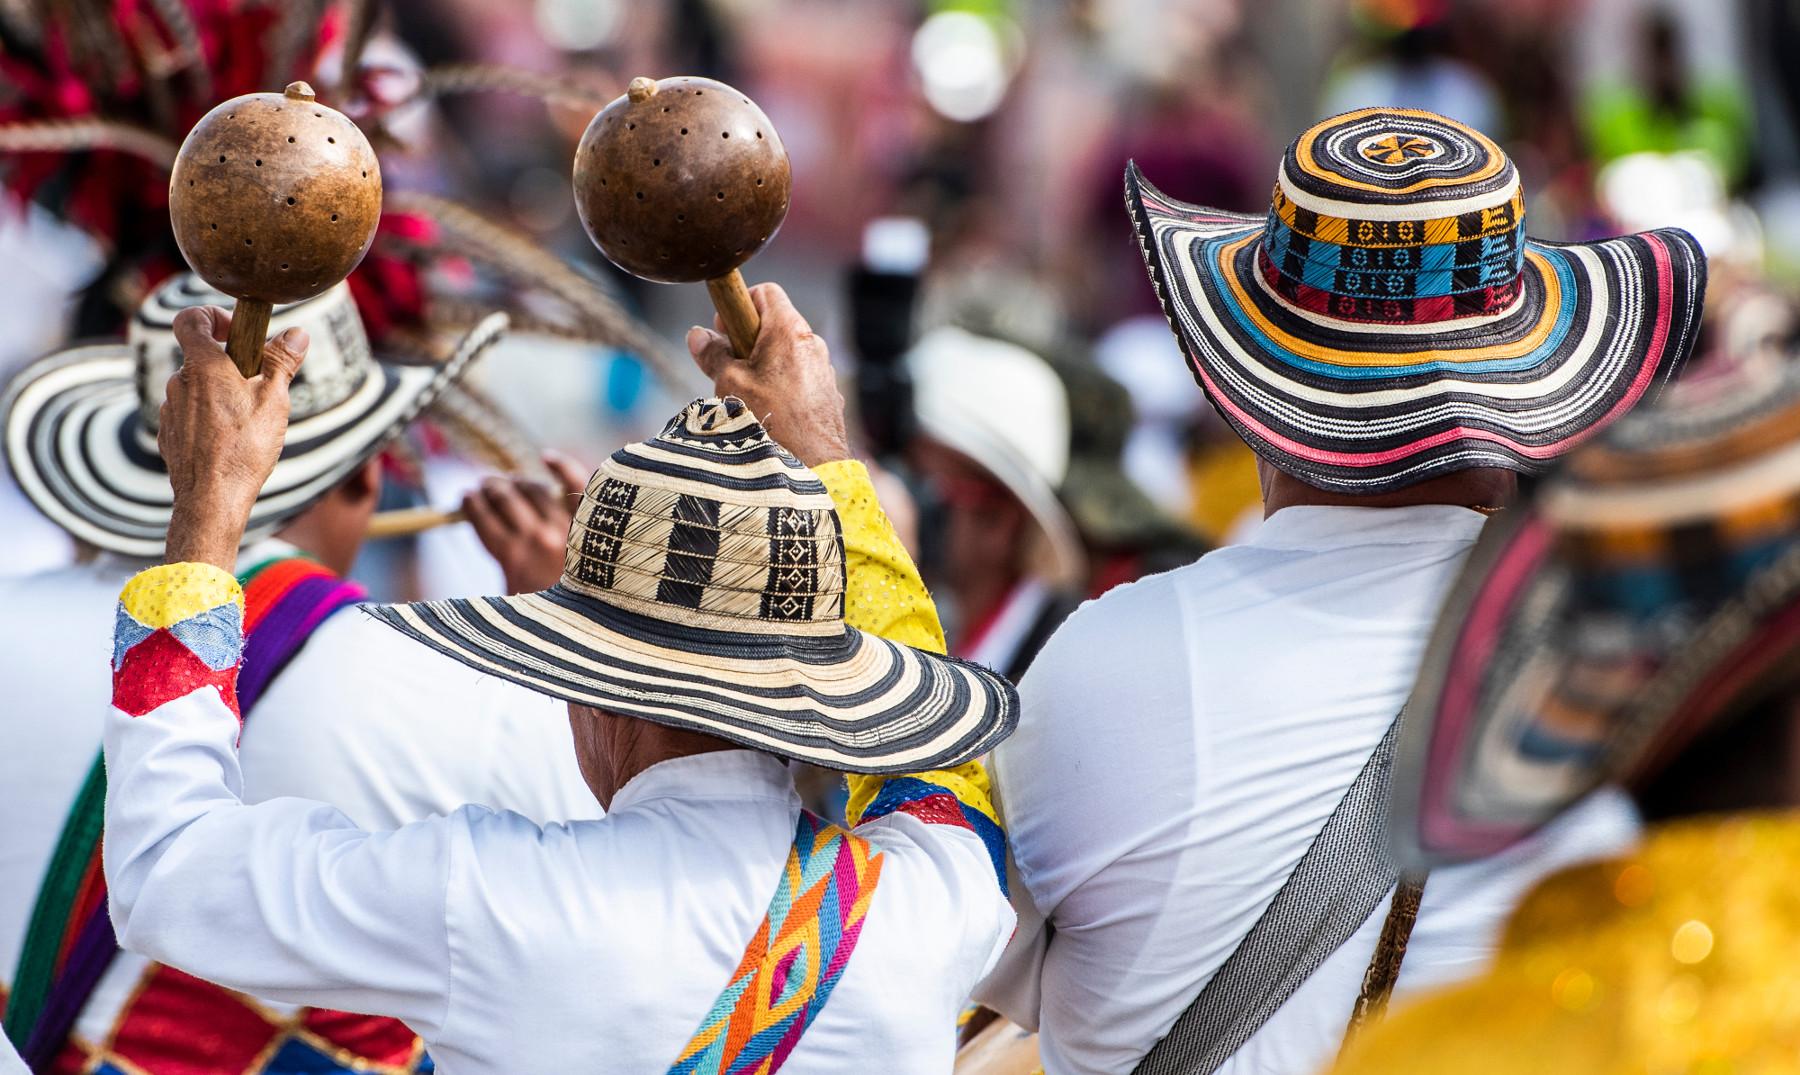 160 Frases De Cumbia La Danza Tradicional De Colombia Con